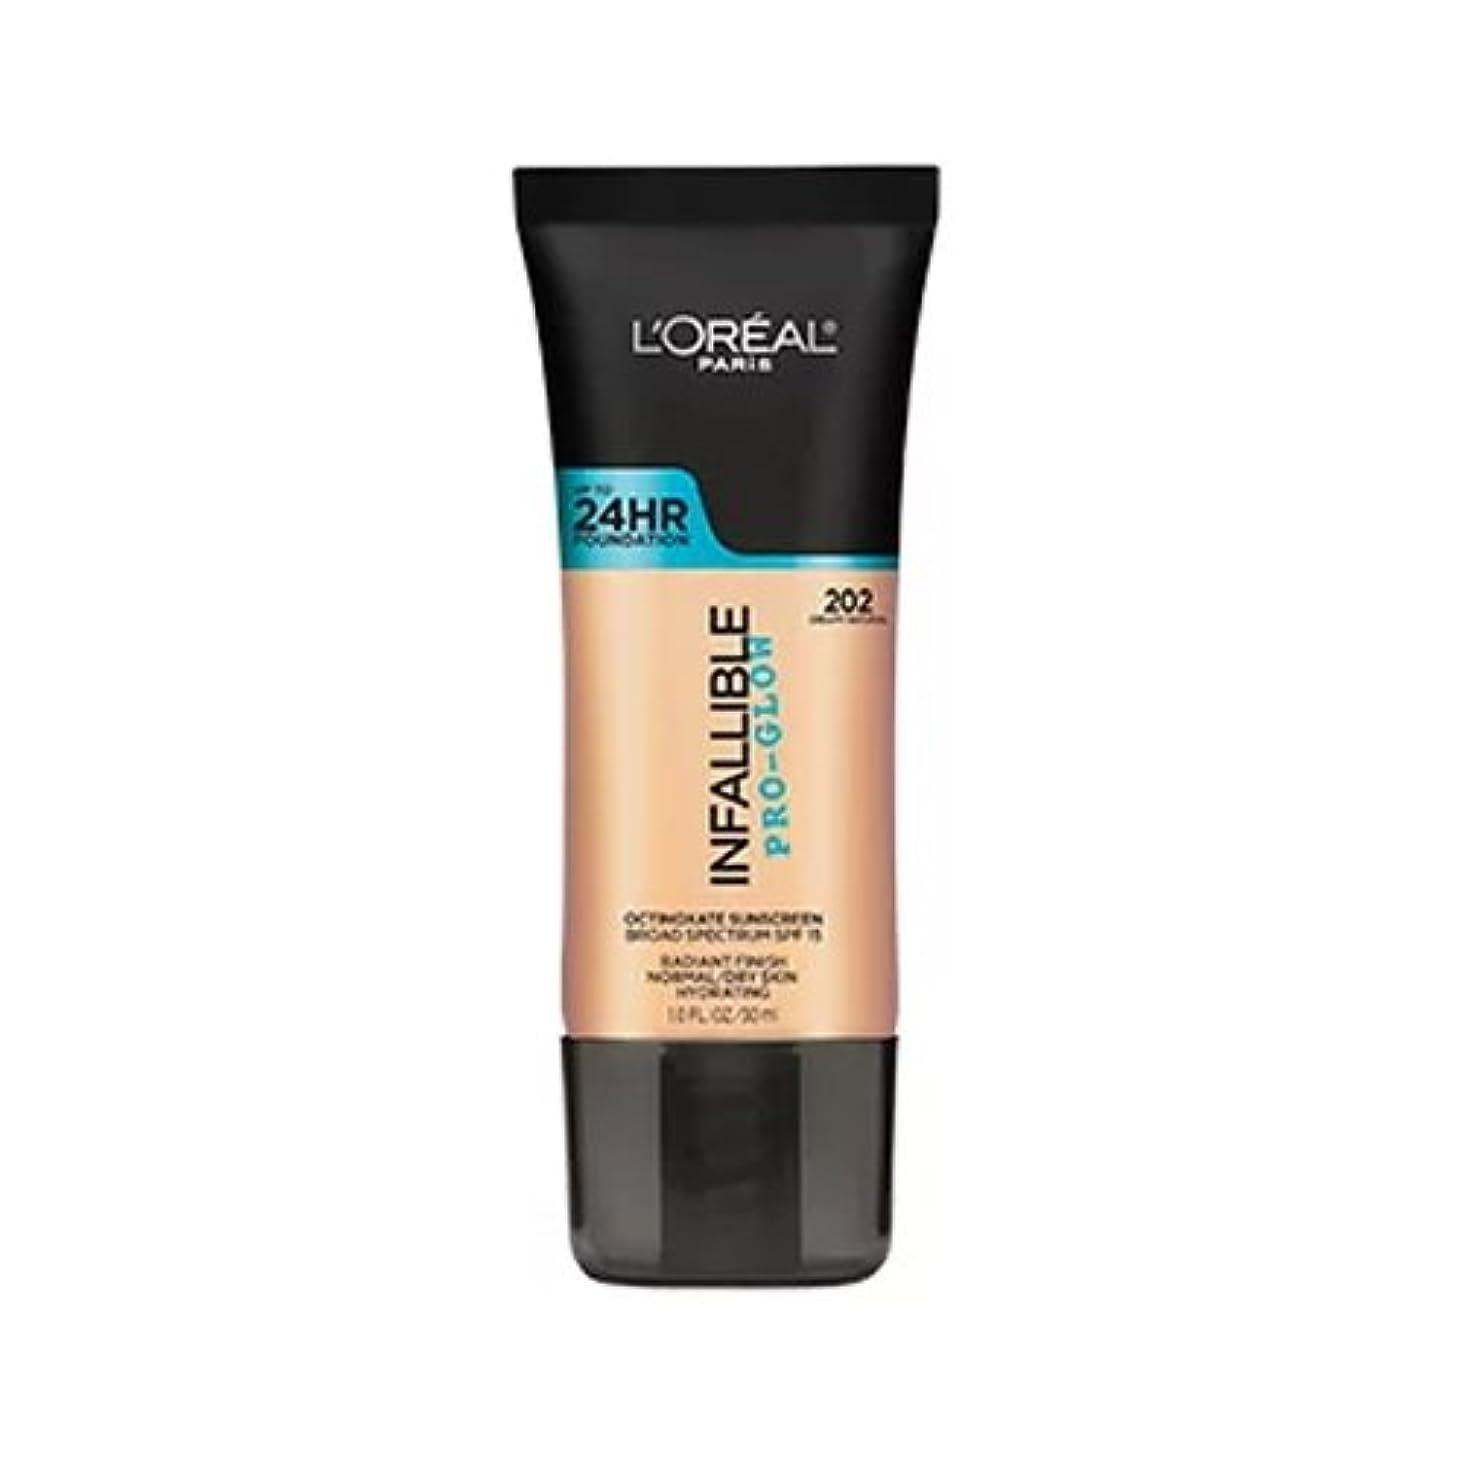 ヘクタールスペクトラム汚染(3 Pack) L'OREAL Infallible Pro-Glow Foundation - Creamy Natural (並行輸入品)